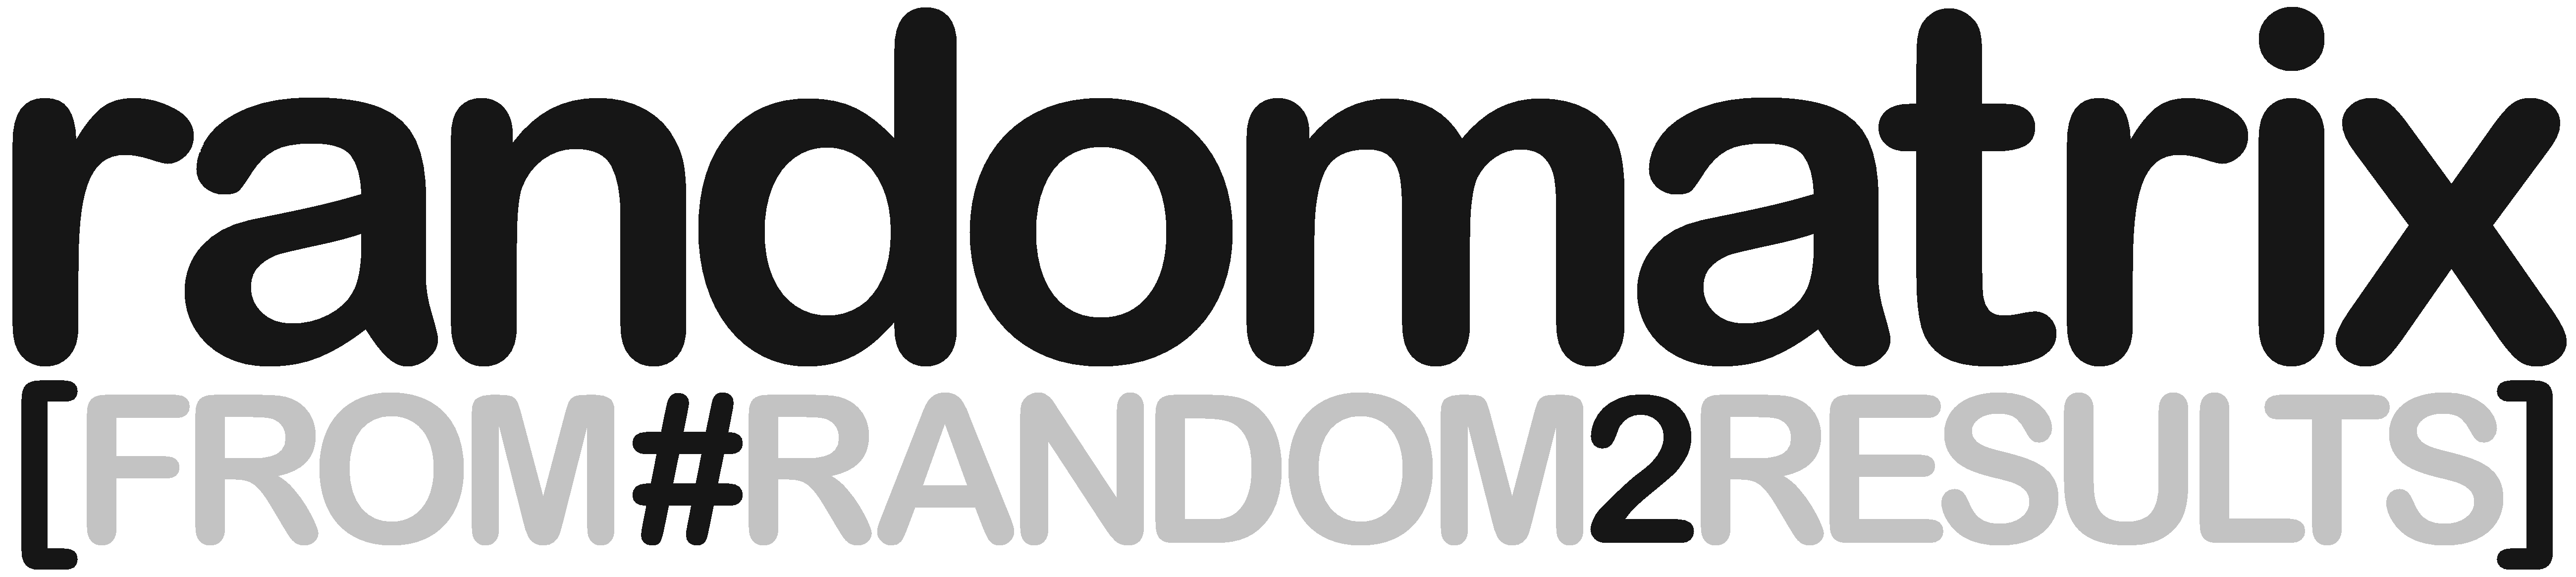 randomatrix